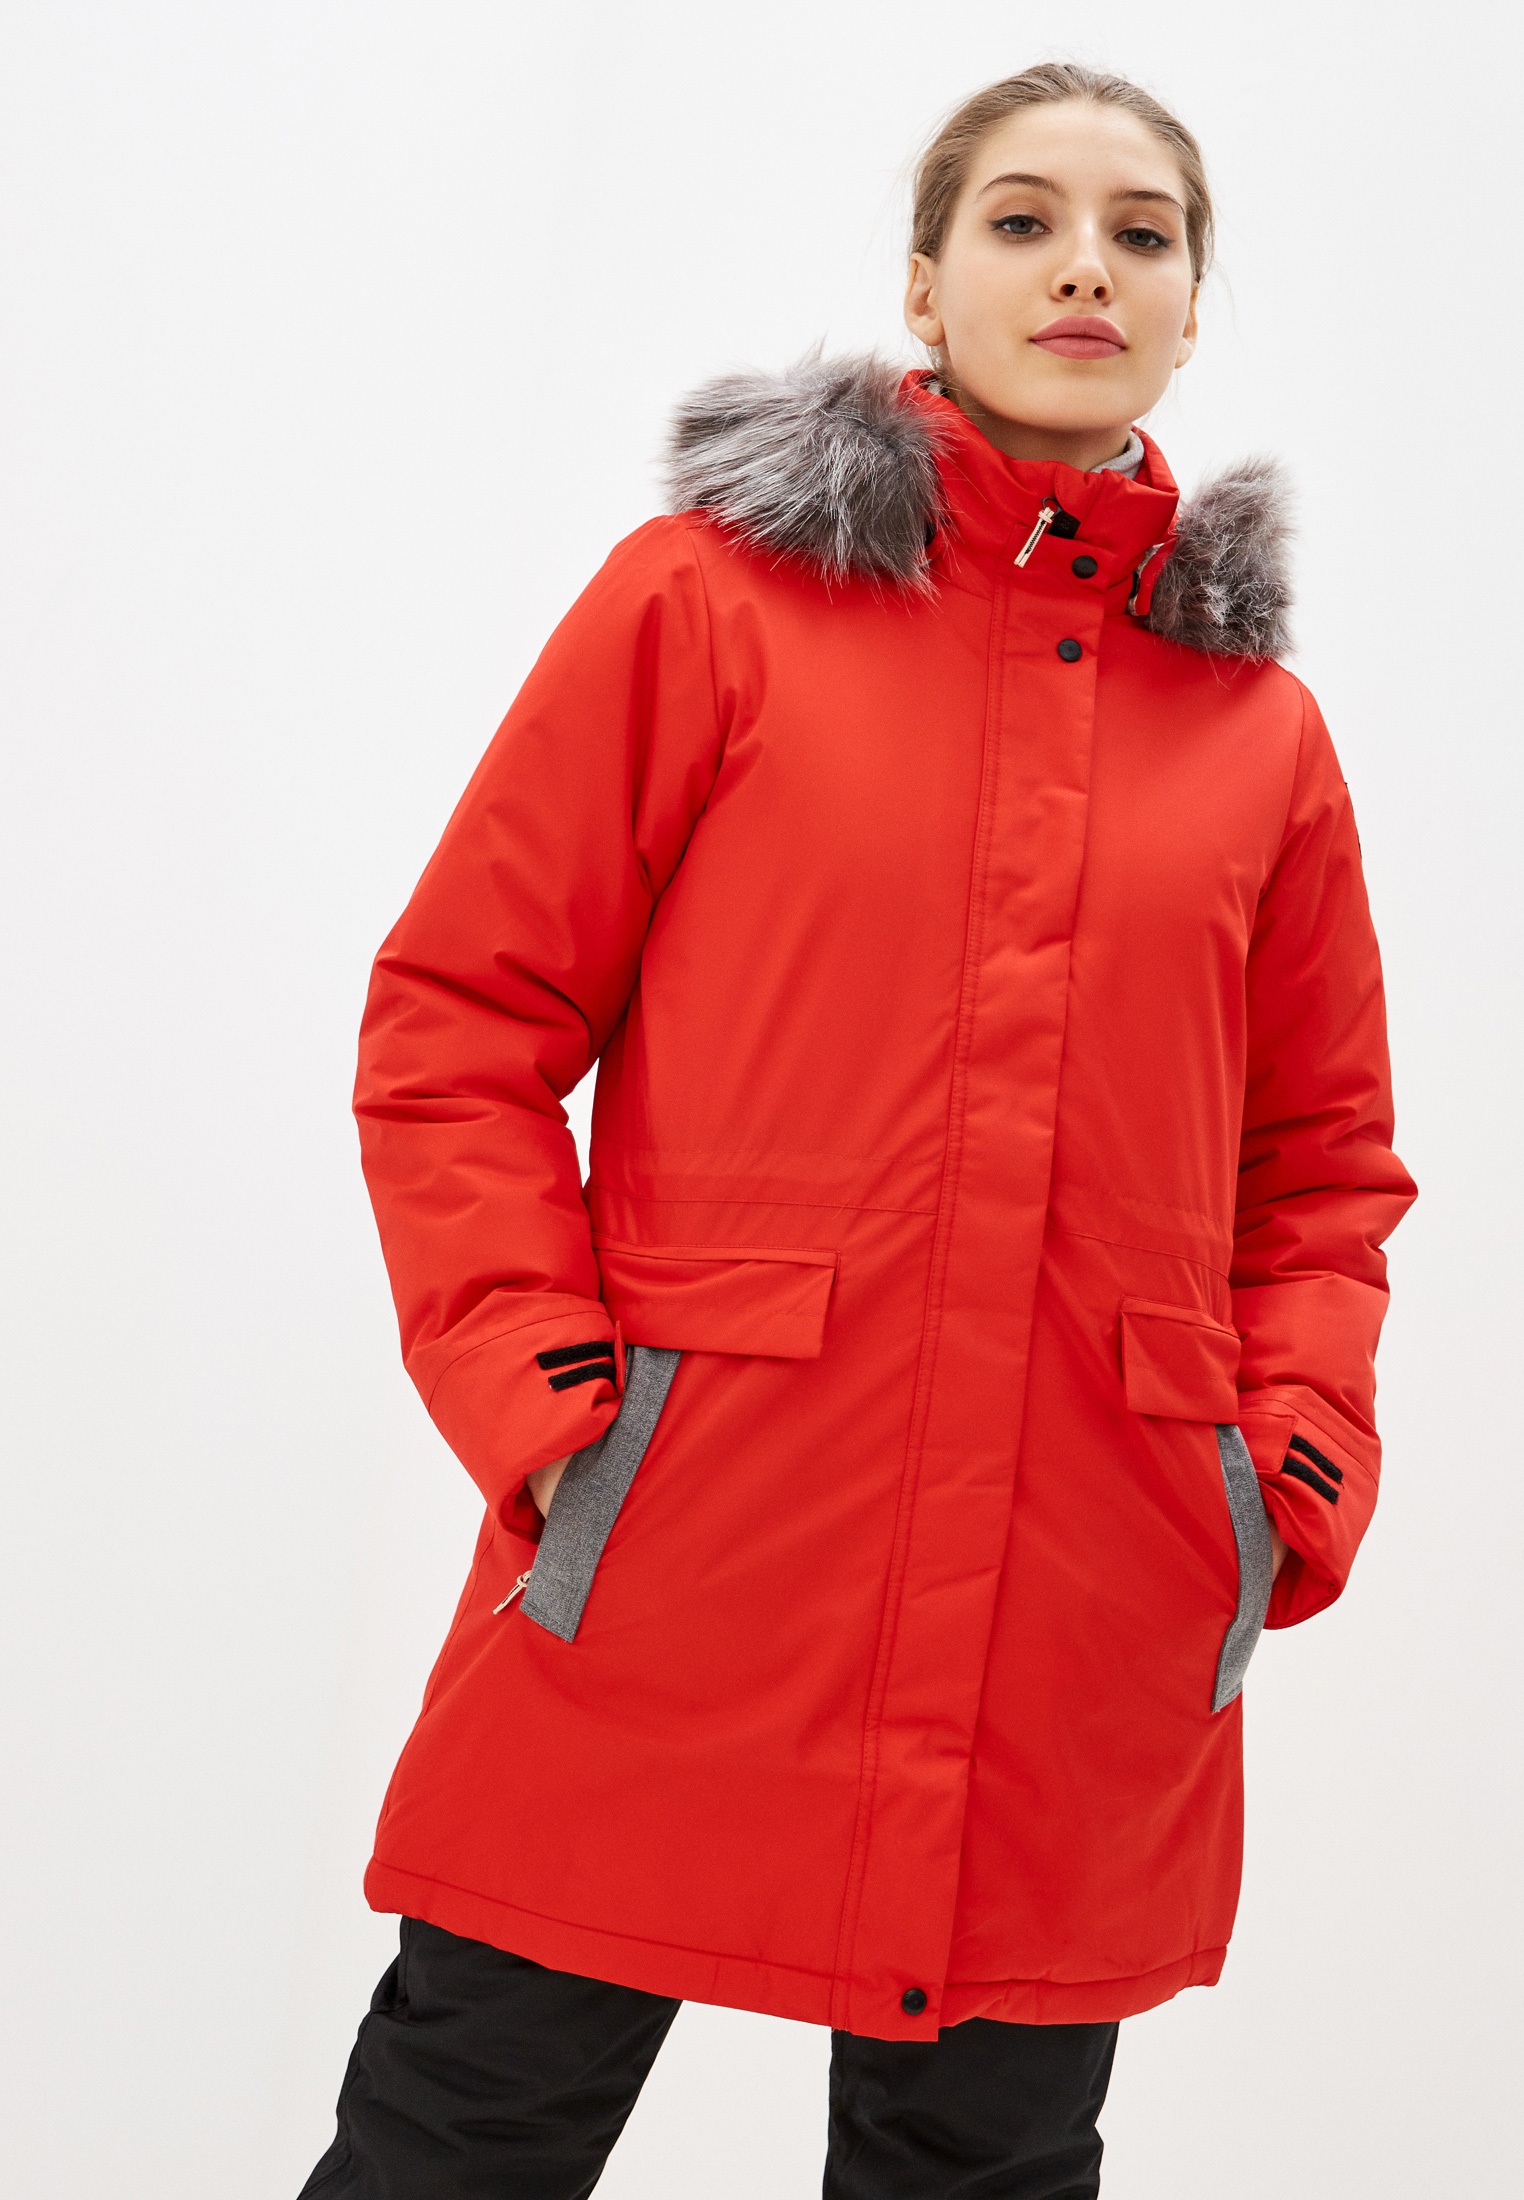 Женская верхняя одежда Torstai 641217013VRU